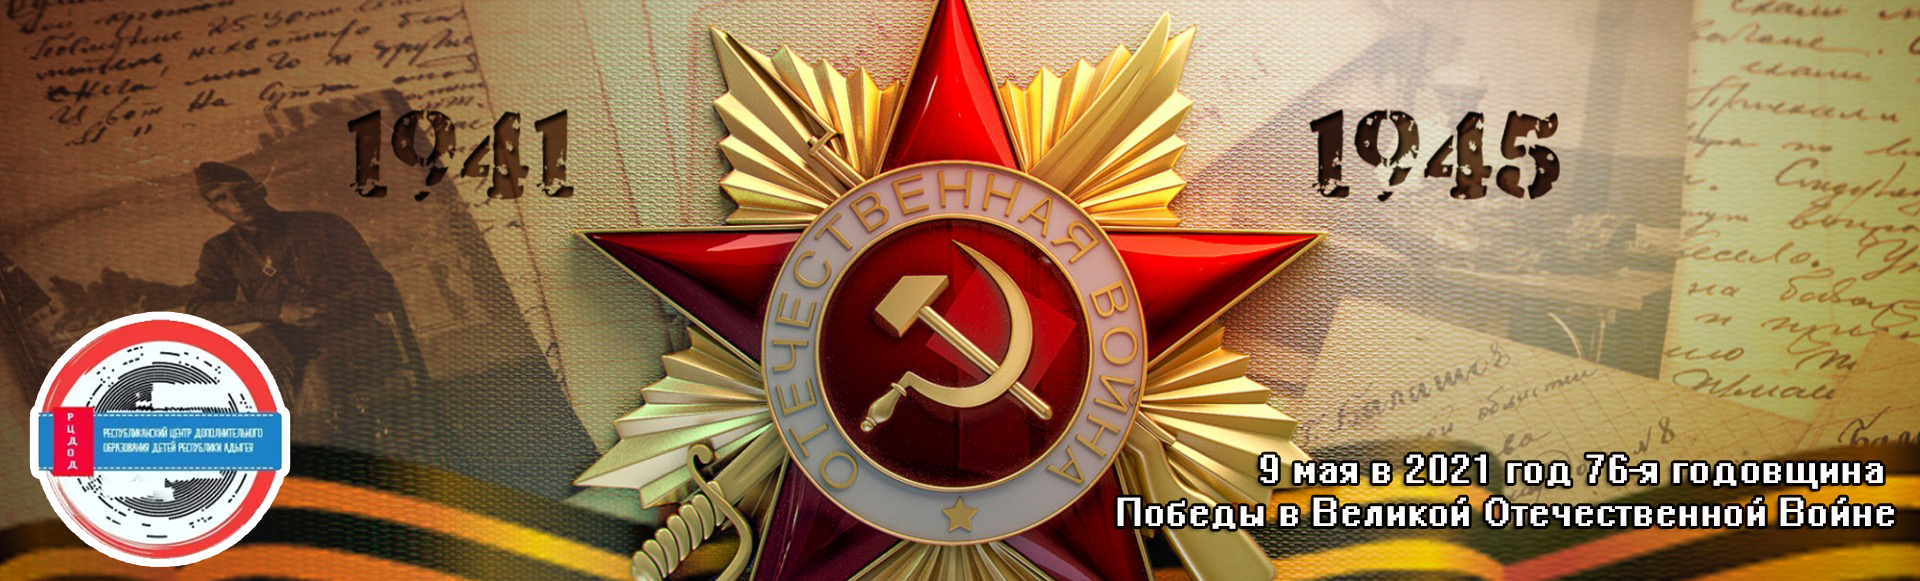 РЦ ДОД Республика Адыгея